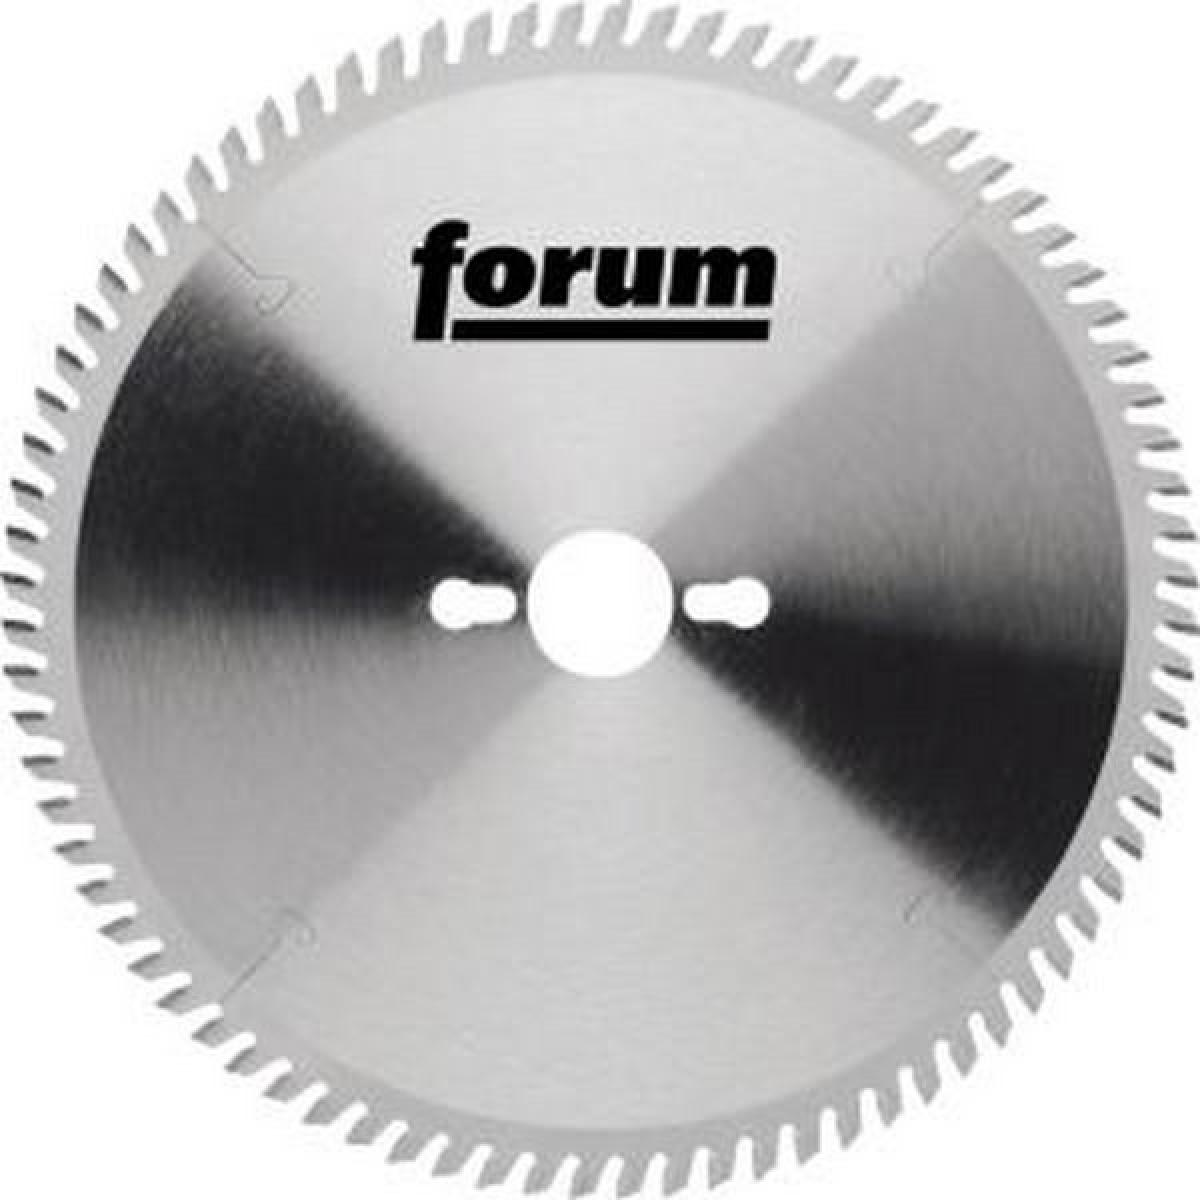 Forum Lame de scie circulaire, Ø : 160 mm, Larg. : 1,6 mm, Alésage 20 mm, Perçages secondaires : -, Dents : 18